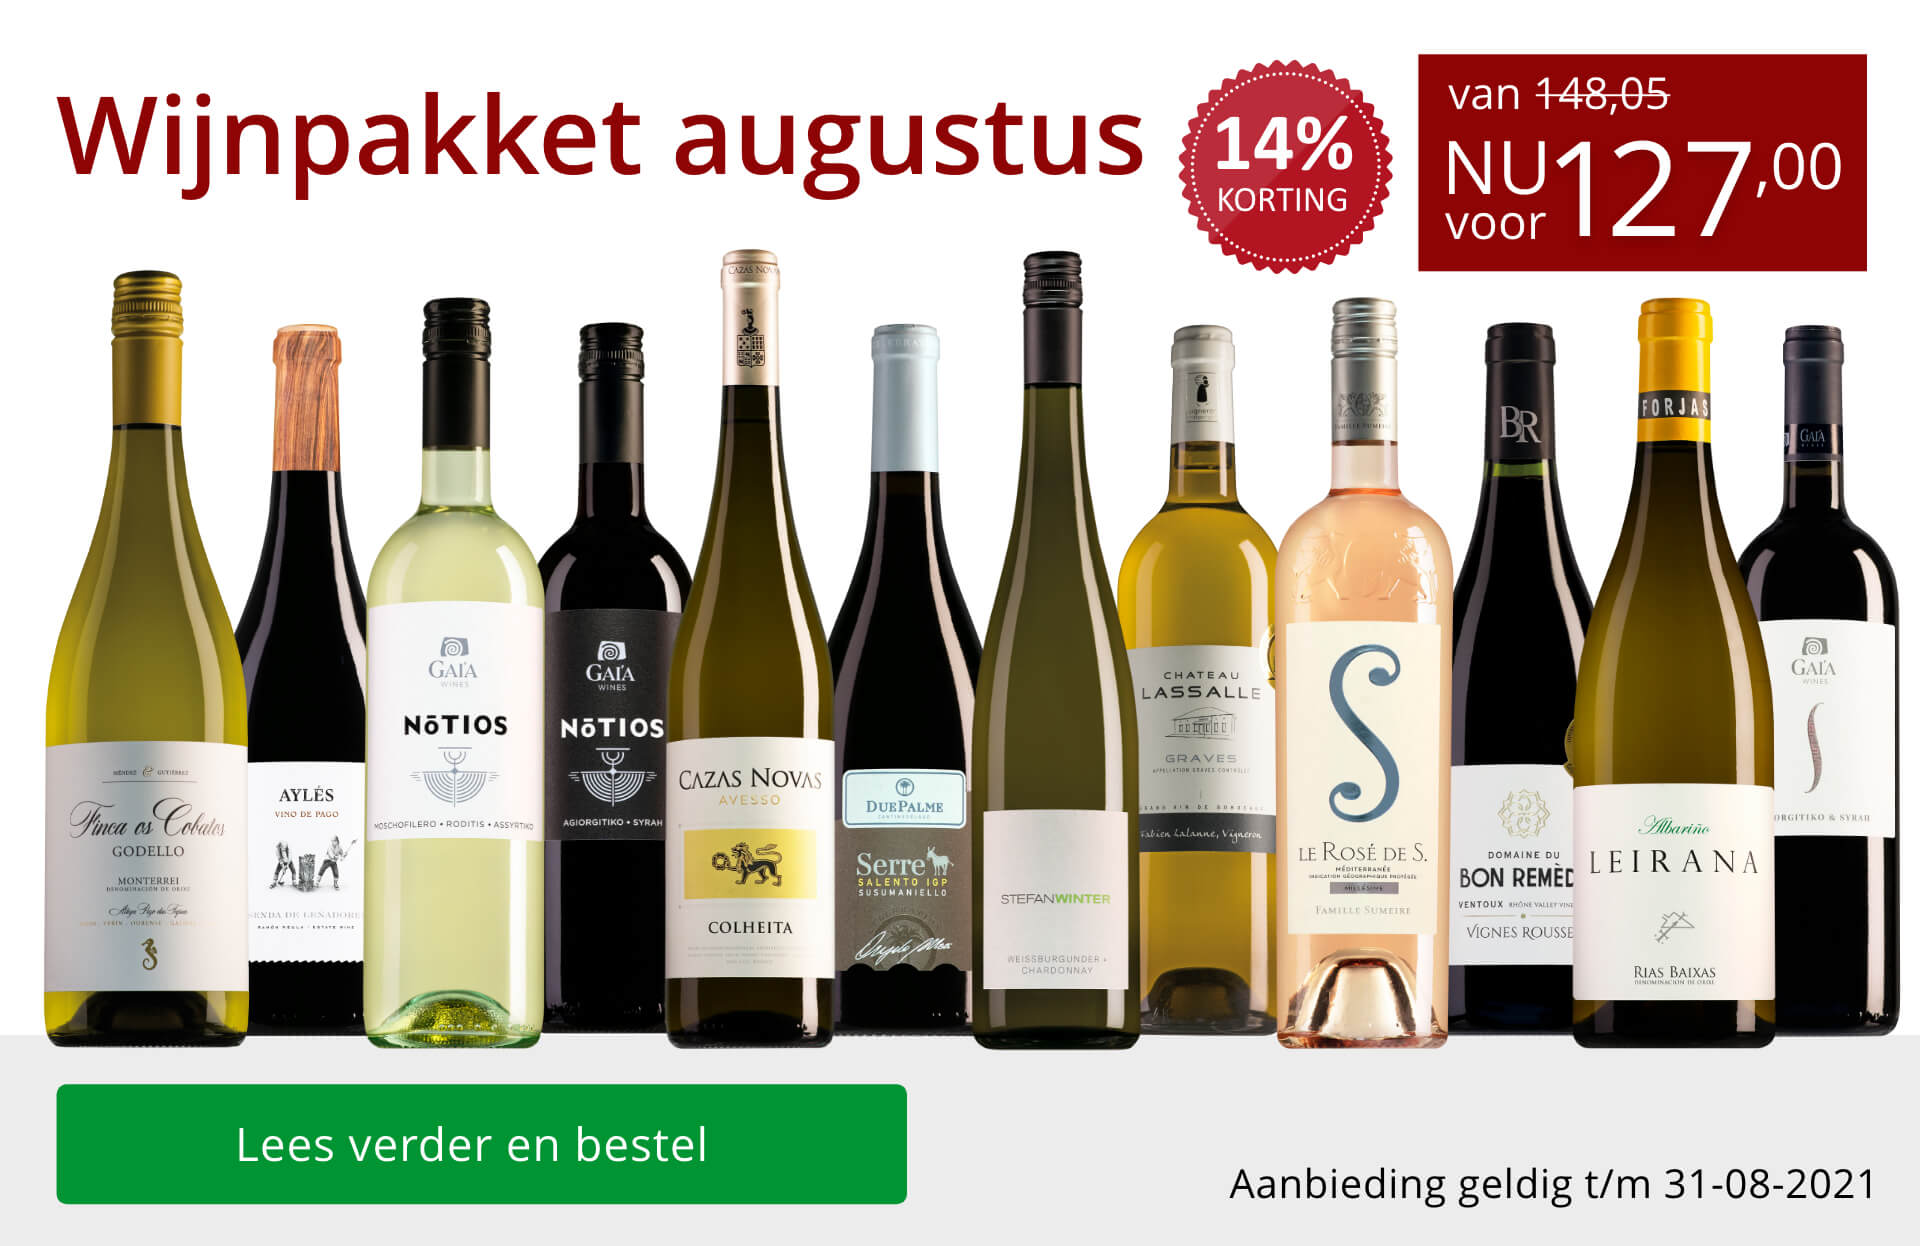 Wijnpakket wijnbericht augustus 2021 (127,00) - rood